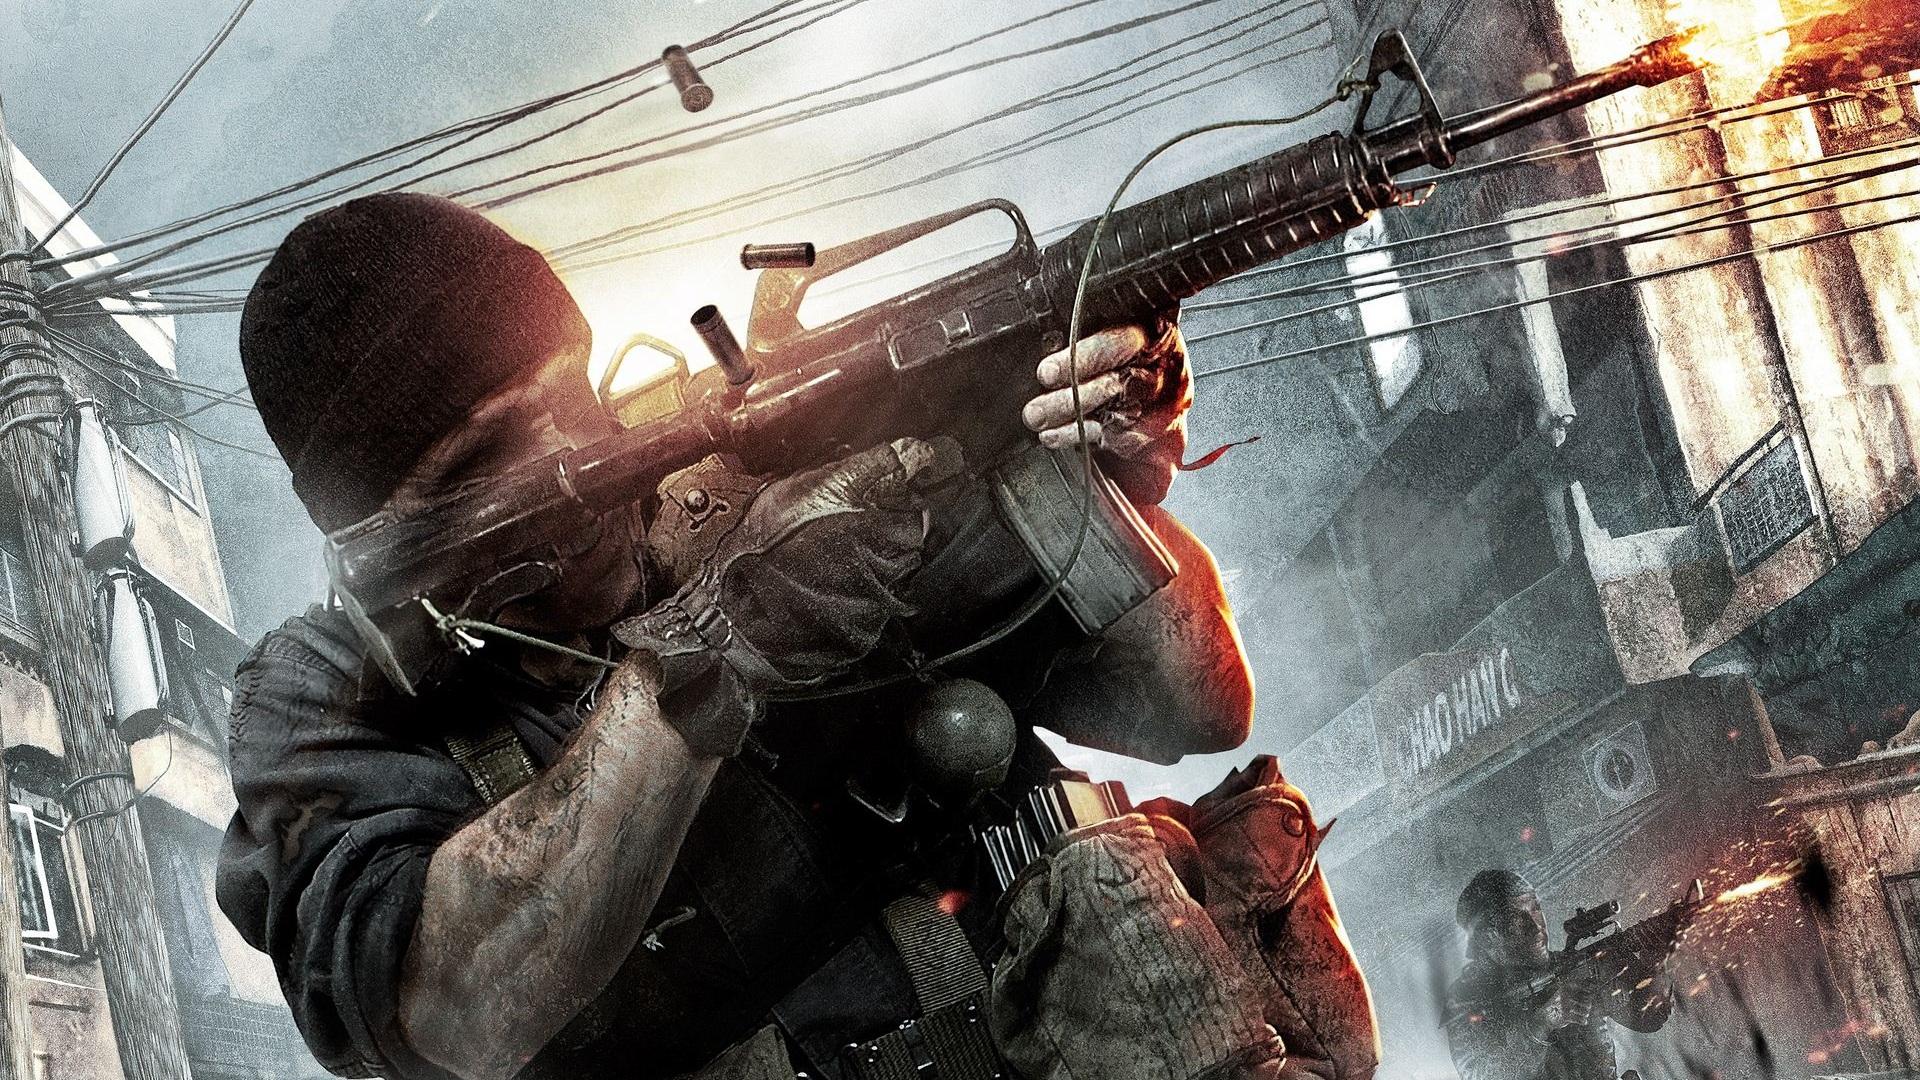 Fondos De Pantalla Call Of Duty Operaciones Negro Hd